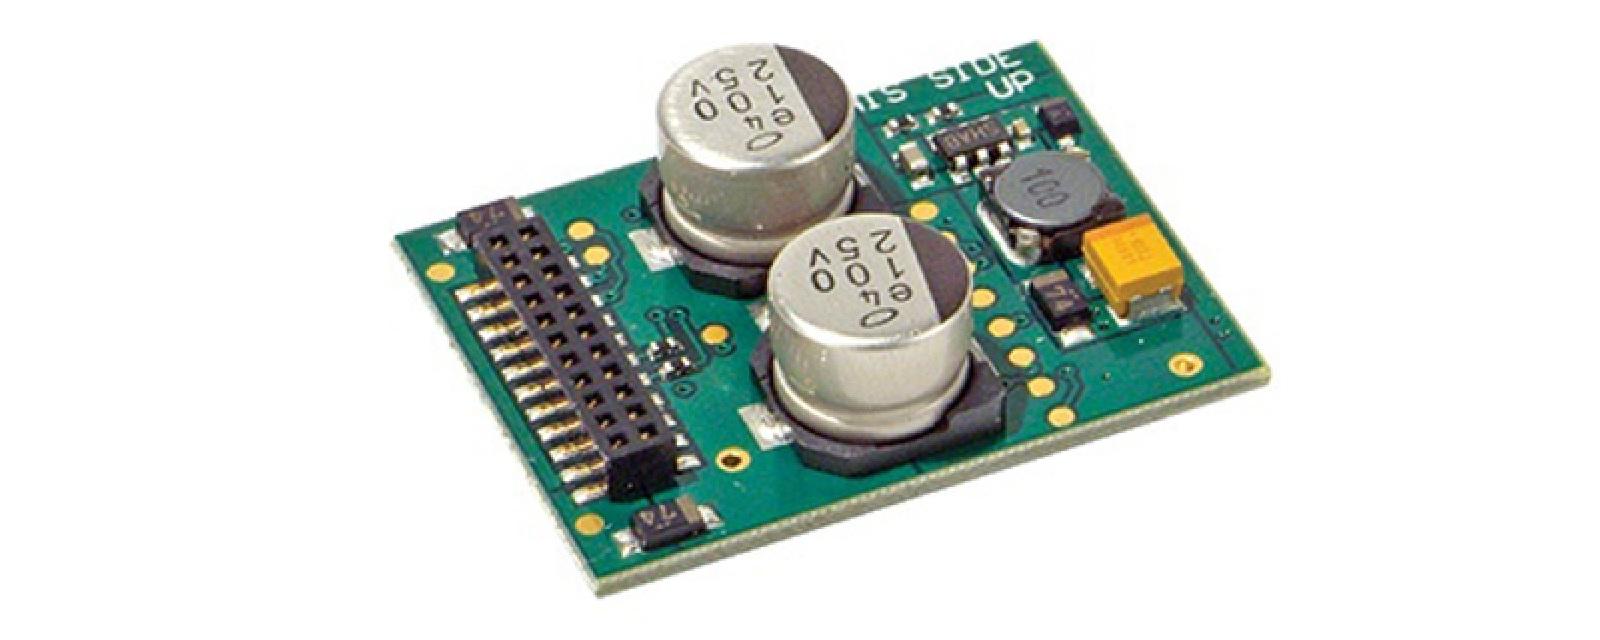 bachmann 21 pin decoder instructions